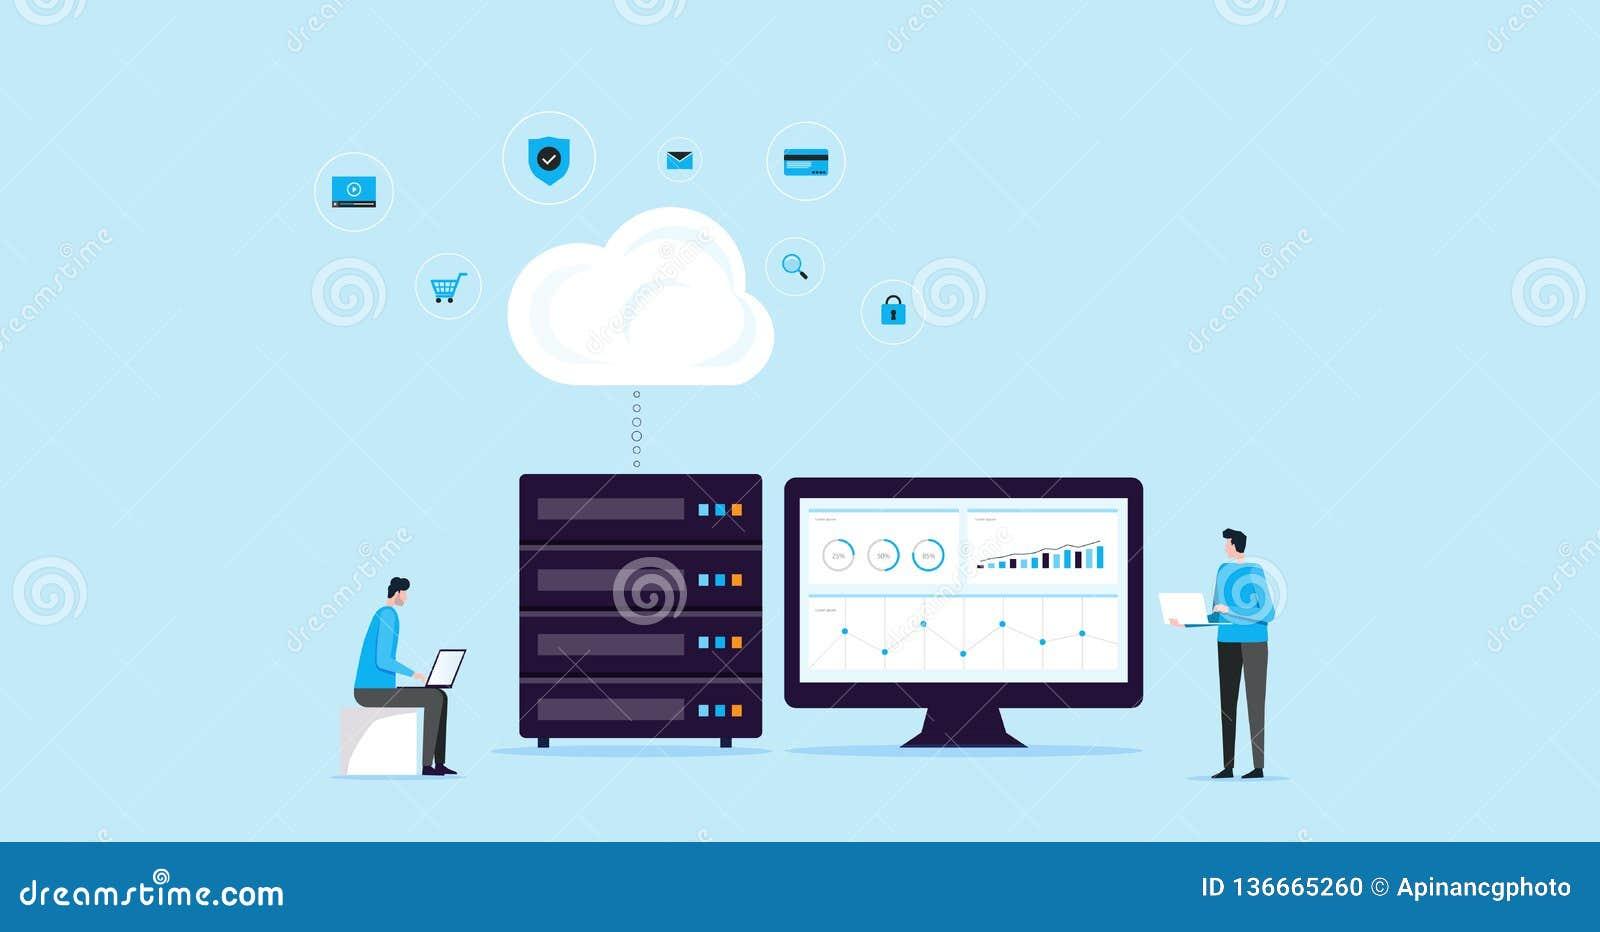 Плоское соединение хранения облака технологии идеи проекта иллюстрации с технологией хостинг wen дела и servi серверов онлайн